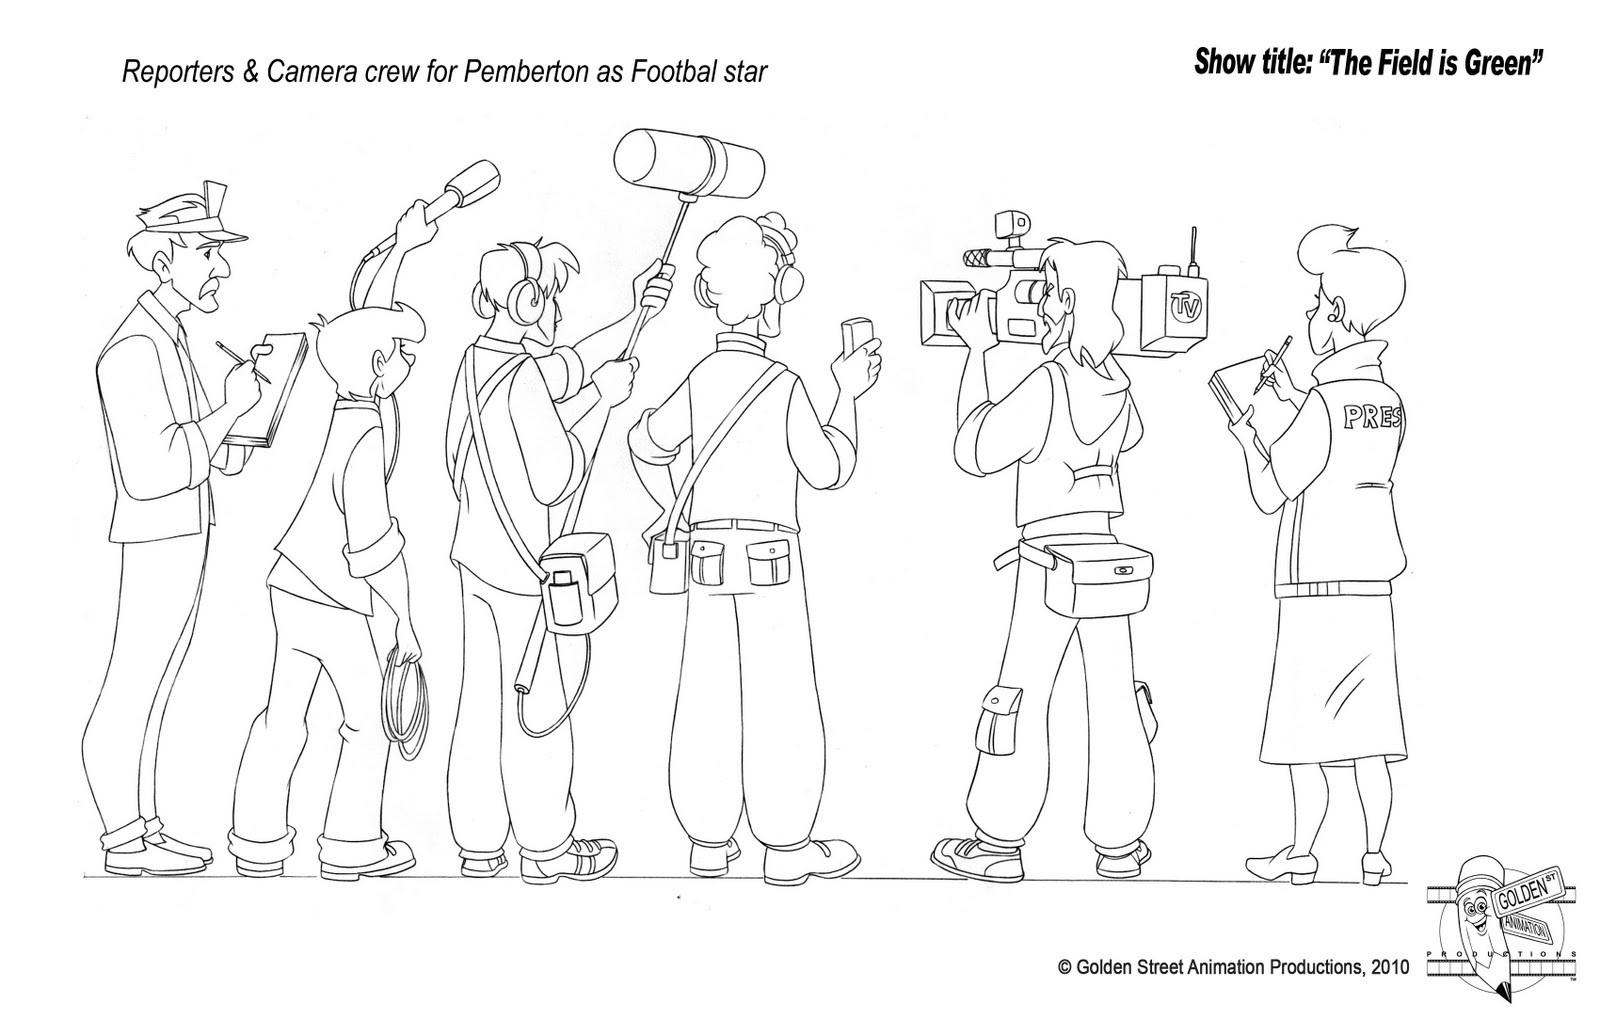 Press and Camera Crew